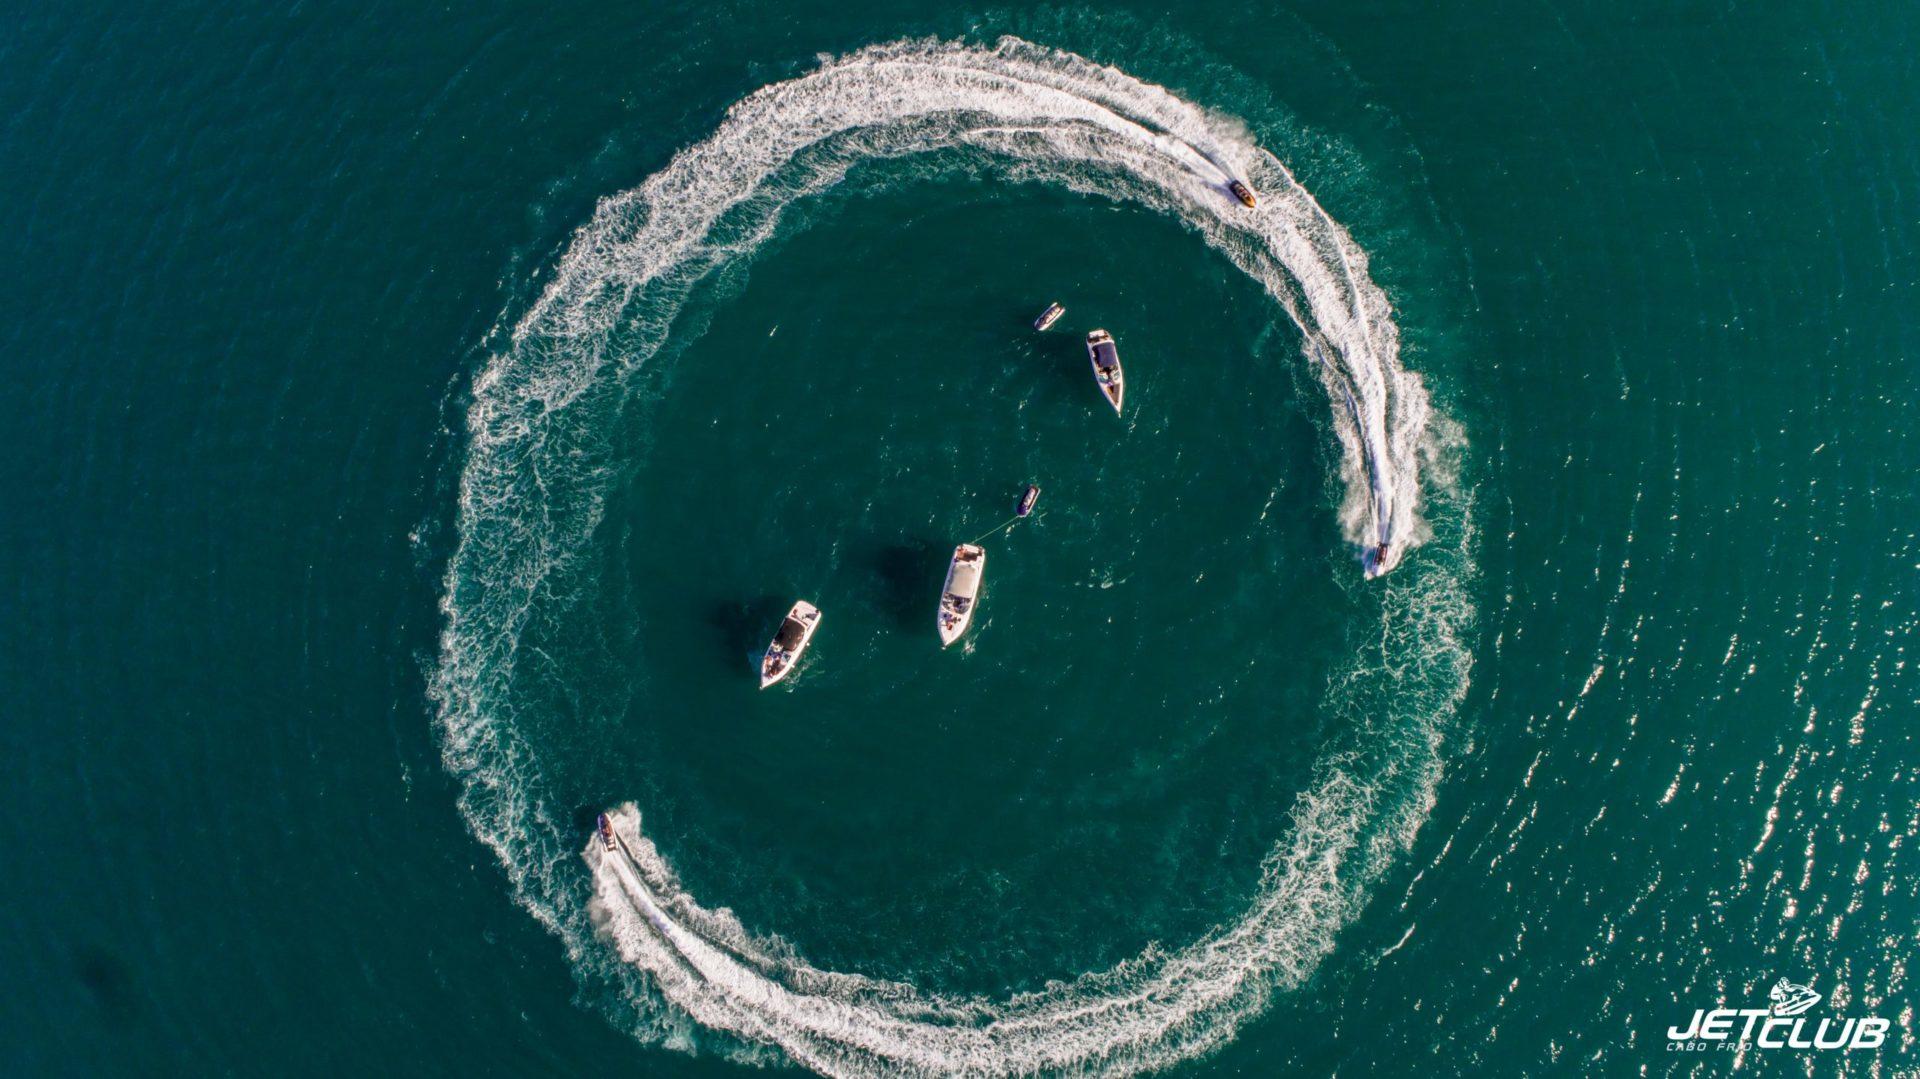 Vamos-Para-o-Mar-Marina-JetClub-Cabo-Frio-scaled